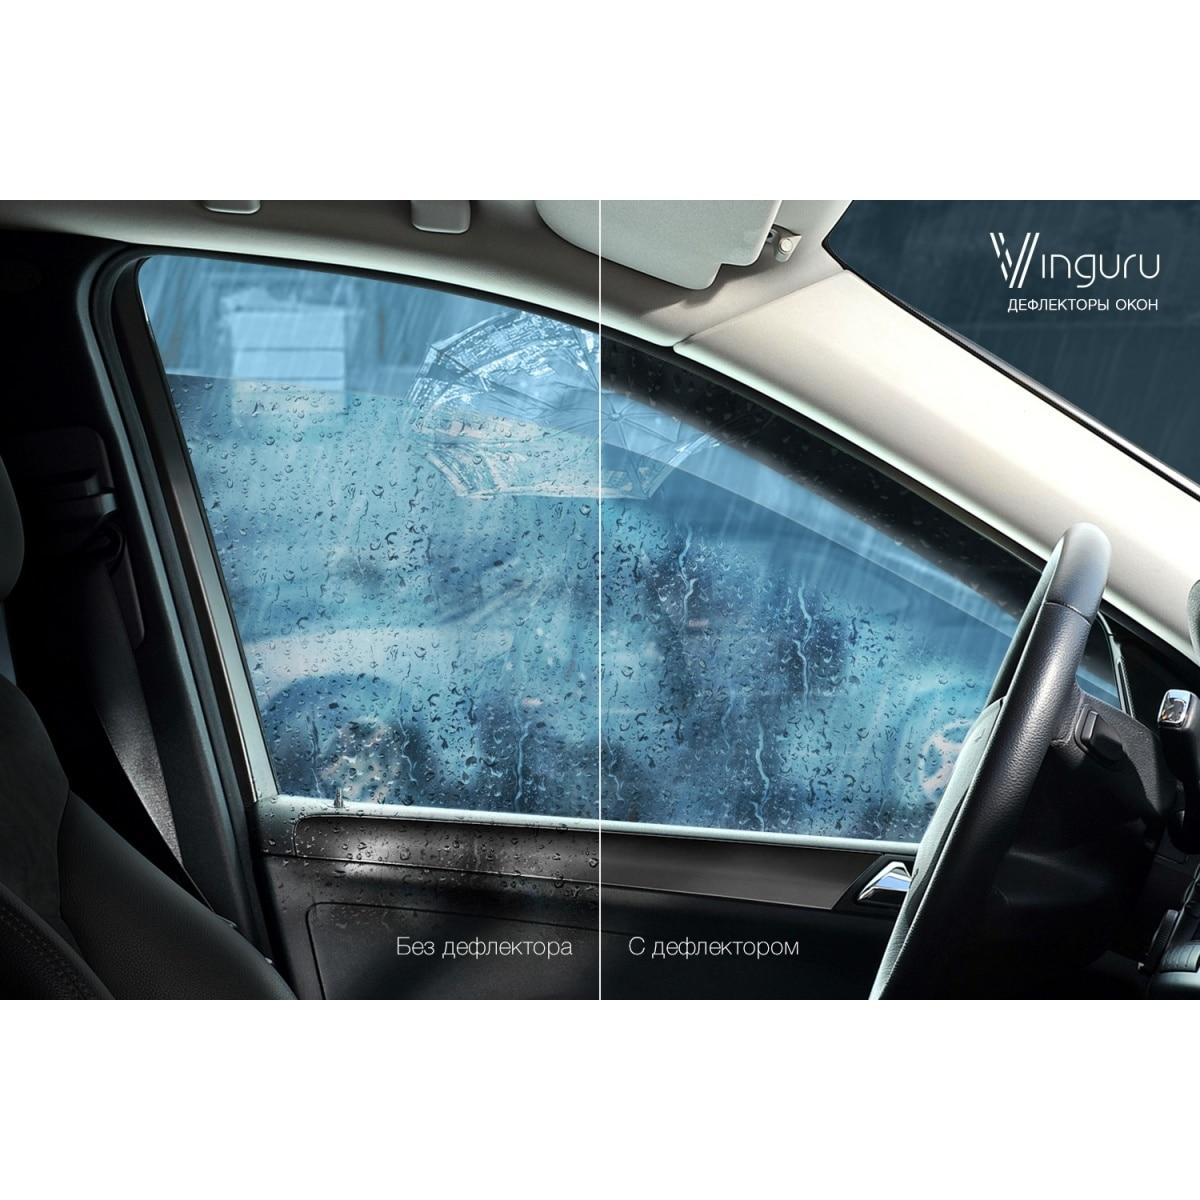 Deflectores de ventana vinguru Nissan Tiida 2004-2014 algodón falso tape-T